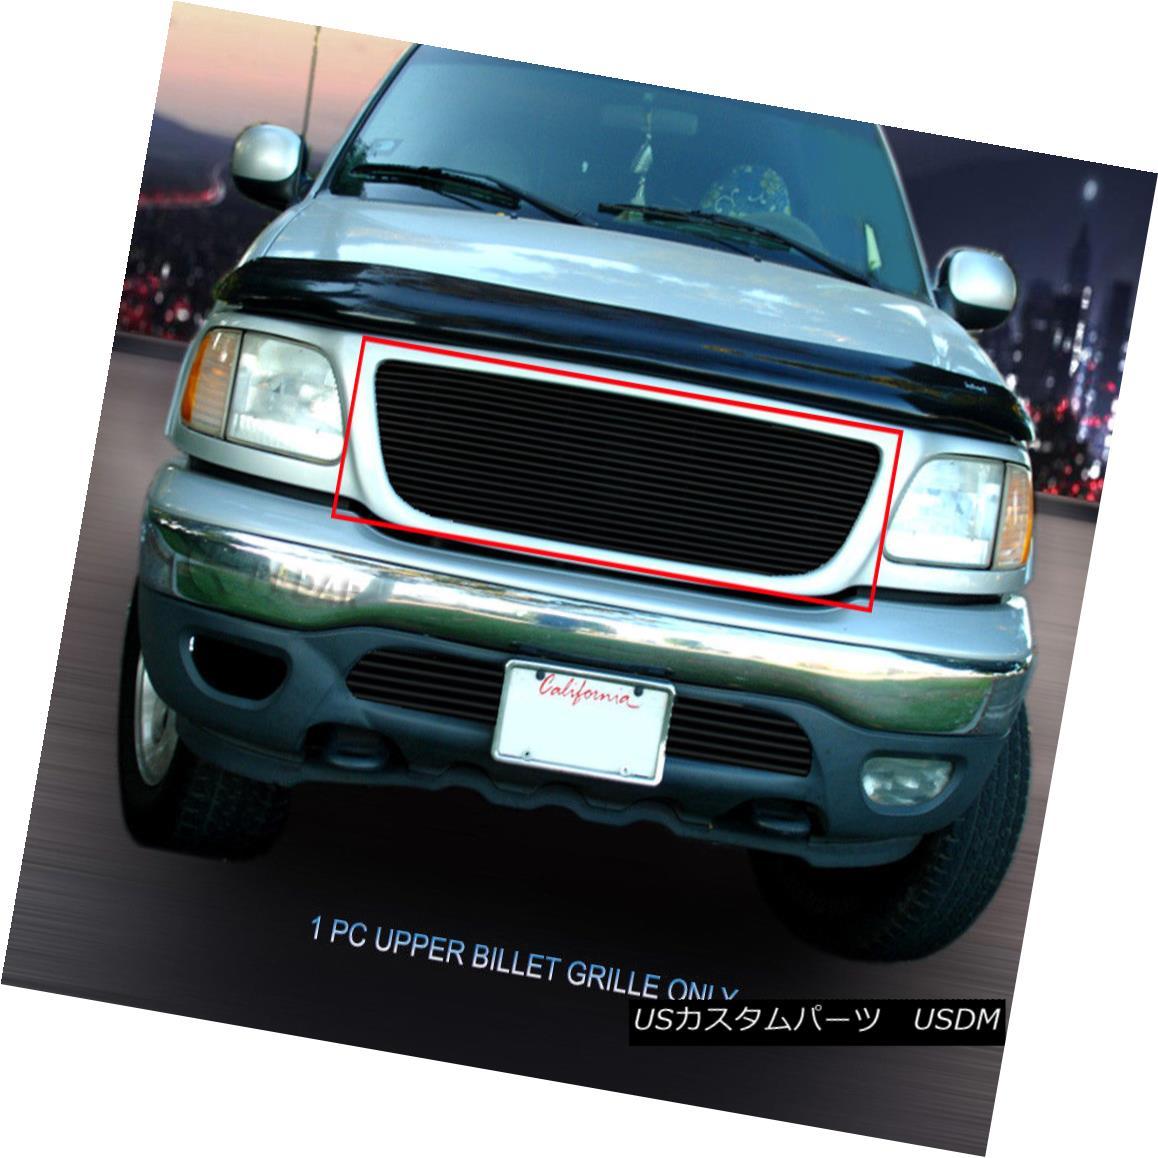 グリル Fits 99-03 Ford F-150/Harley Davidson/Lightning Black Billet Grille Insert フィット99-03 Ford F-150 /ハーレーダビッドソン/ライト ningブラックビレットグリルインサート